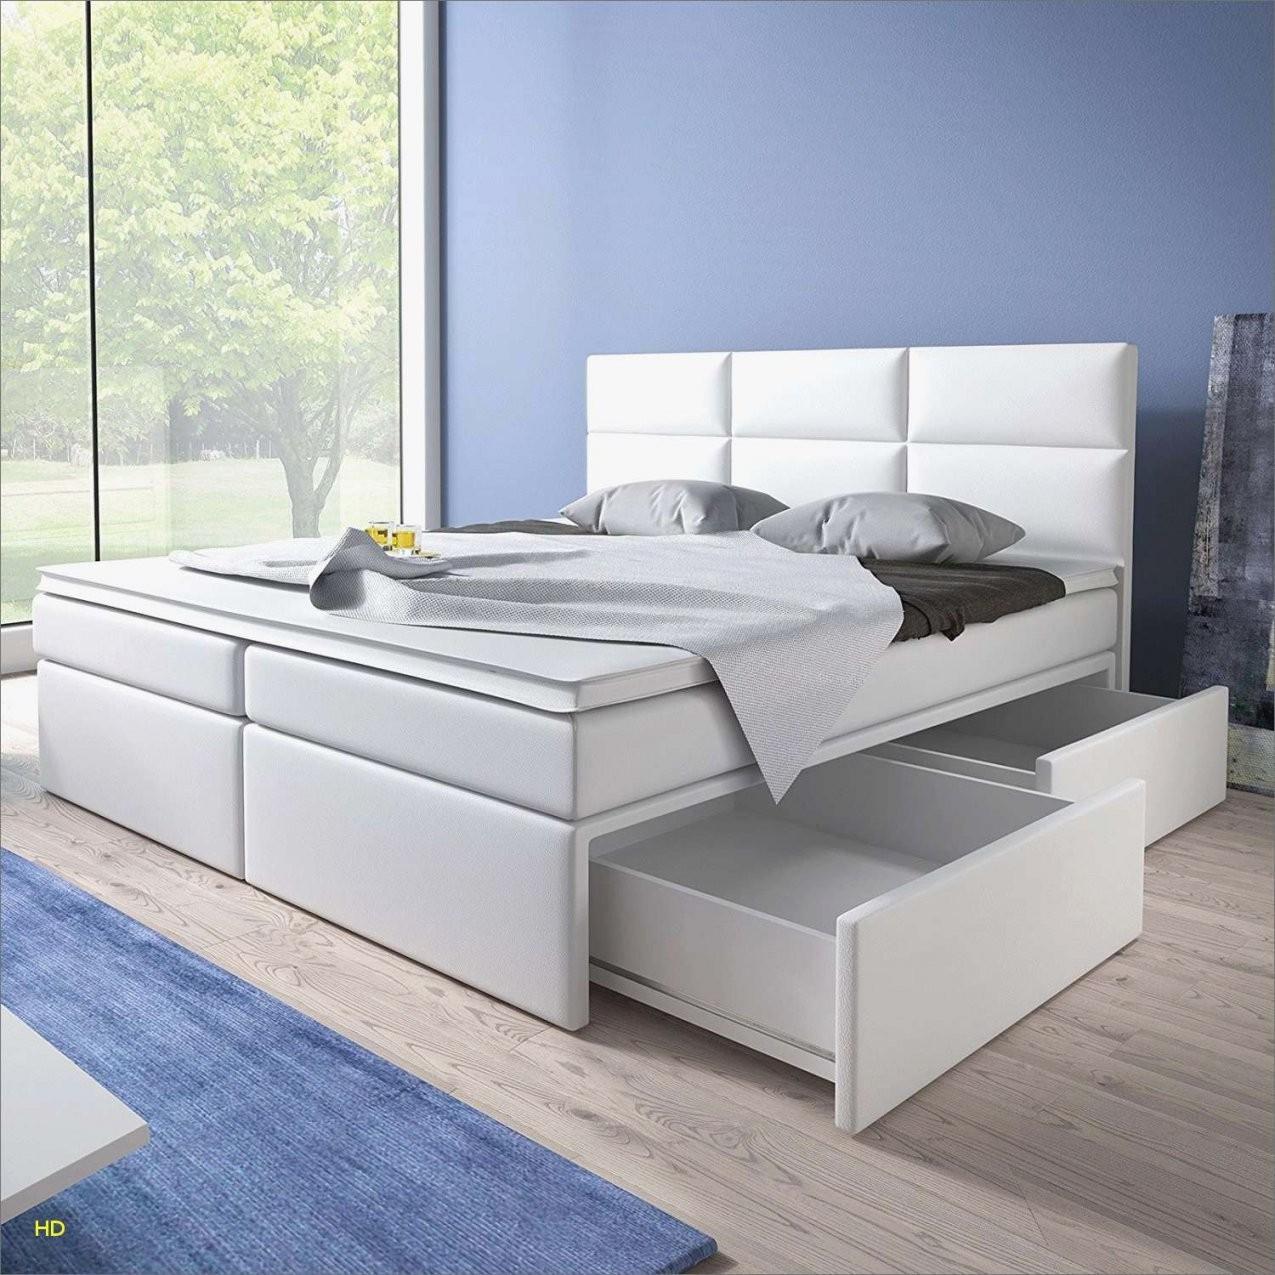 Bettgestell Mit Aufbewahrung Komfort Bett 180×200 Mit Stauraum von Bett 180X200 Mit Stauraum Photo